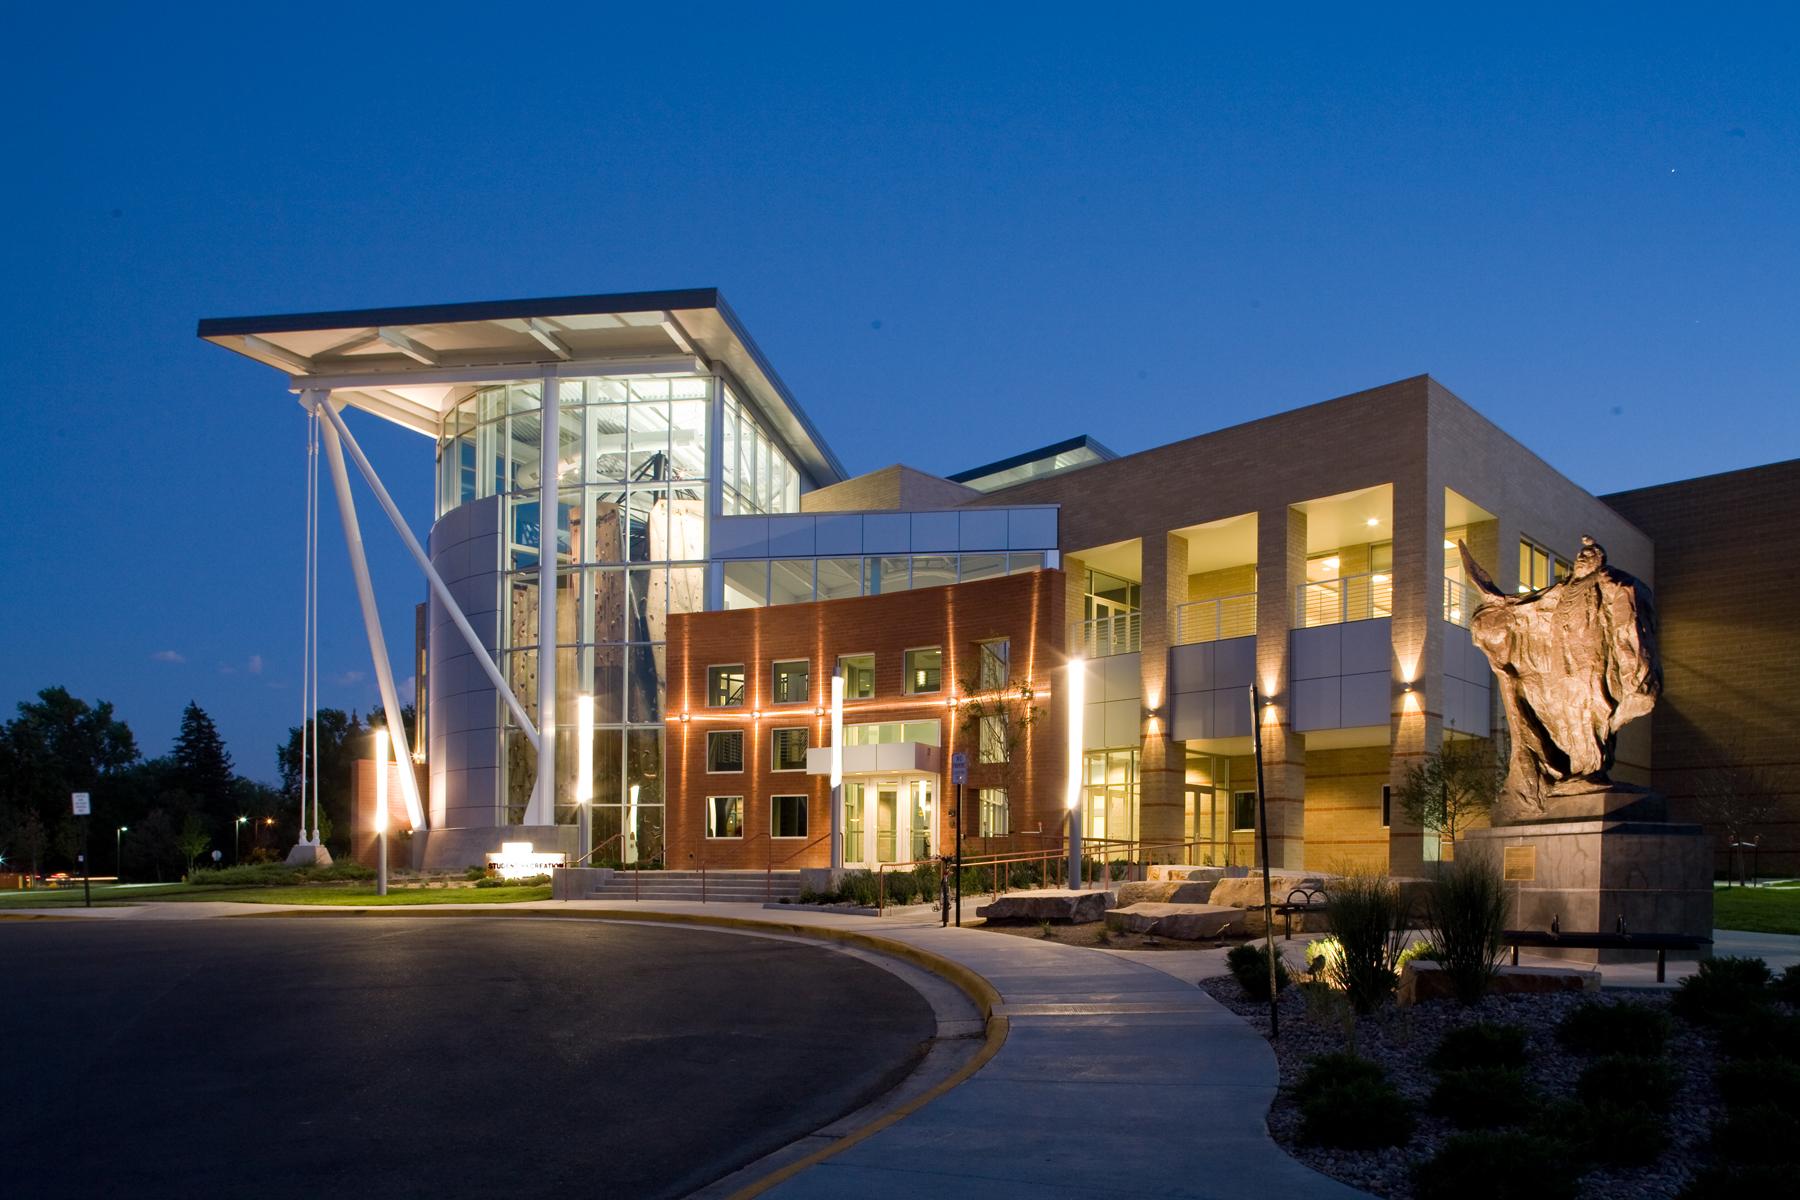 <f>Services</f><f>LandscapeArchitecture</f></f><f>Markets</f><f>Education+Health</f><t>Colorado School of Mines</t><m>Golden, CO</m>